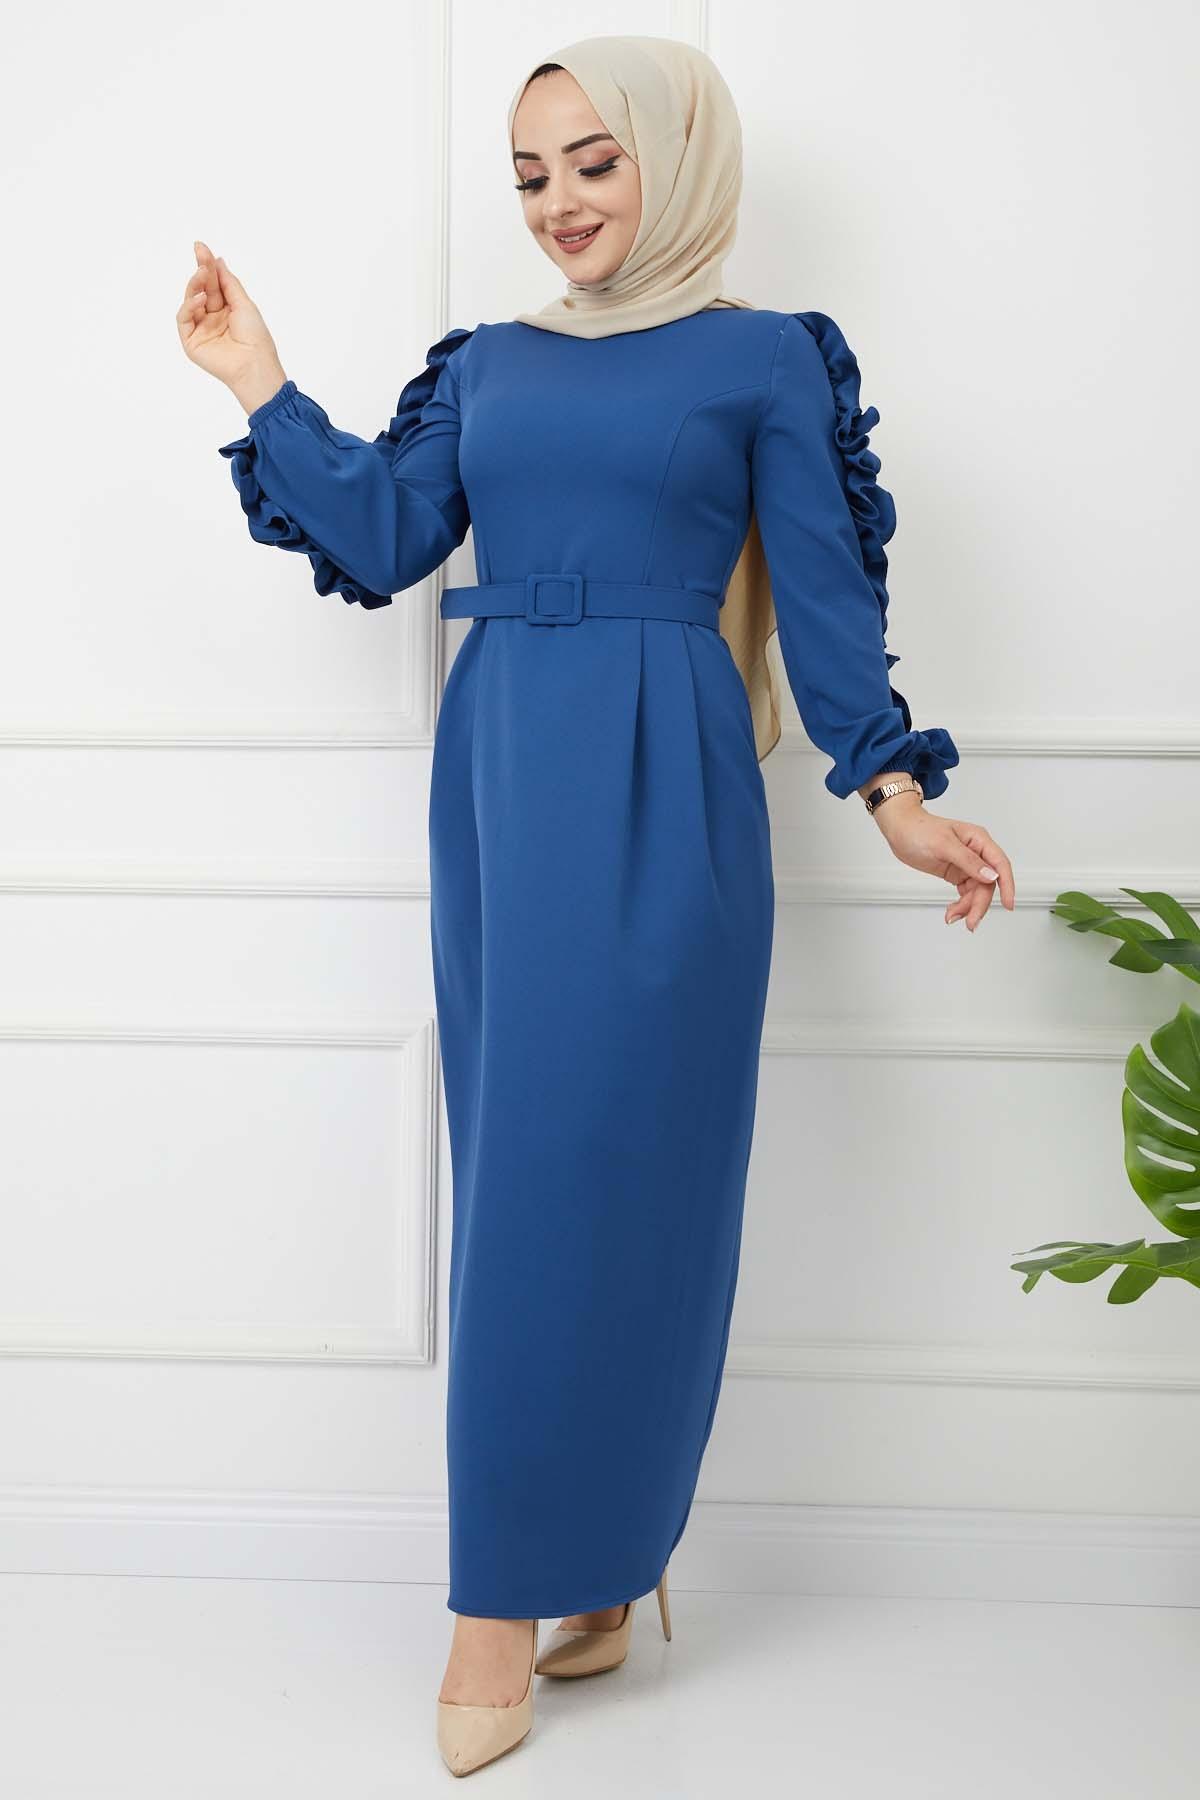 Kolu Fırfırlı Kalem Elbise - Mavi